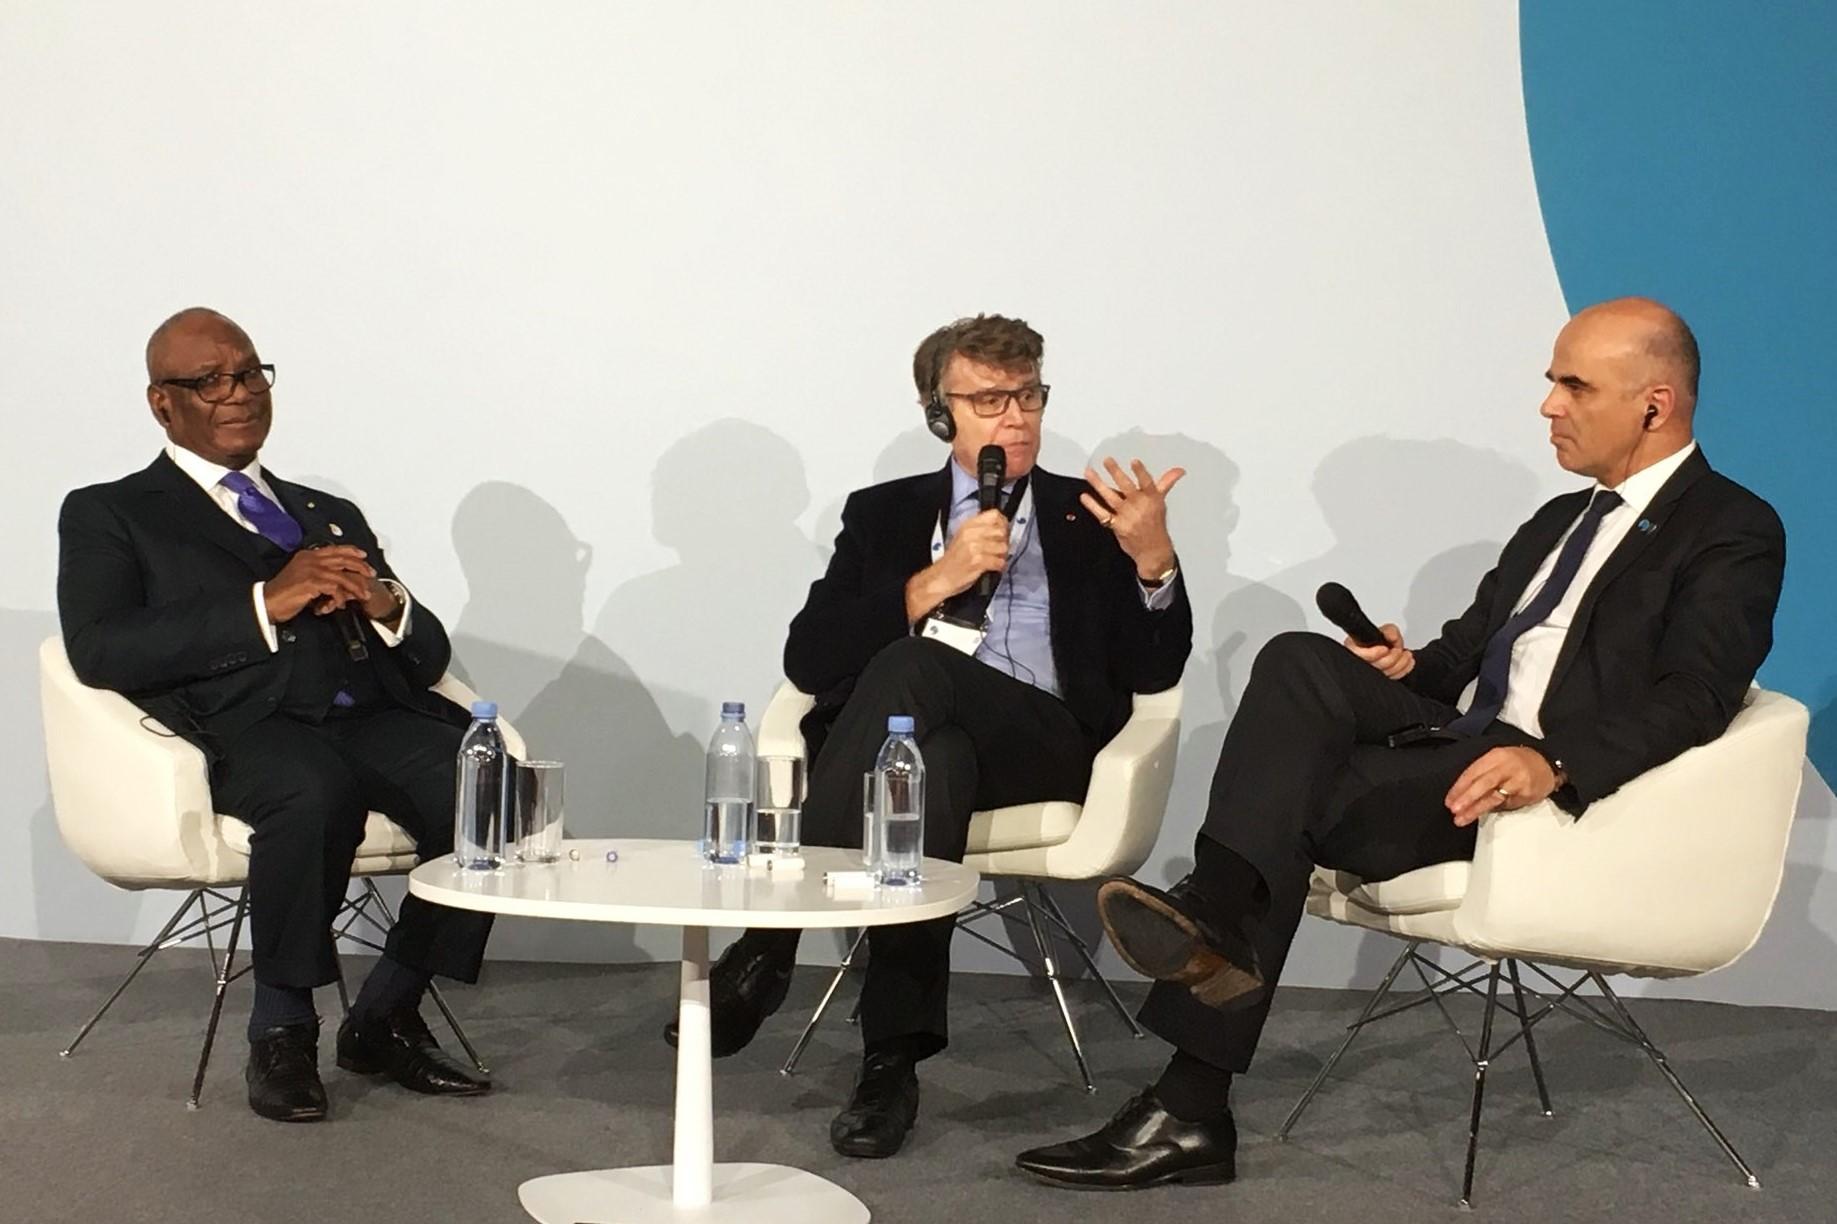 Thierry de Montbrial, Président de l'Ifri, Ibrahim Boubacar Keita, Président du Mali, et Alain Berset, Président de Suisse, lors du Forum de Paris sur la paix 2018